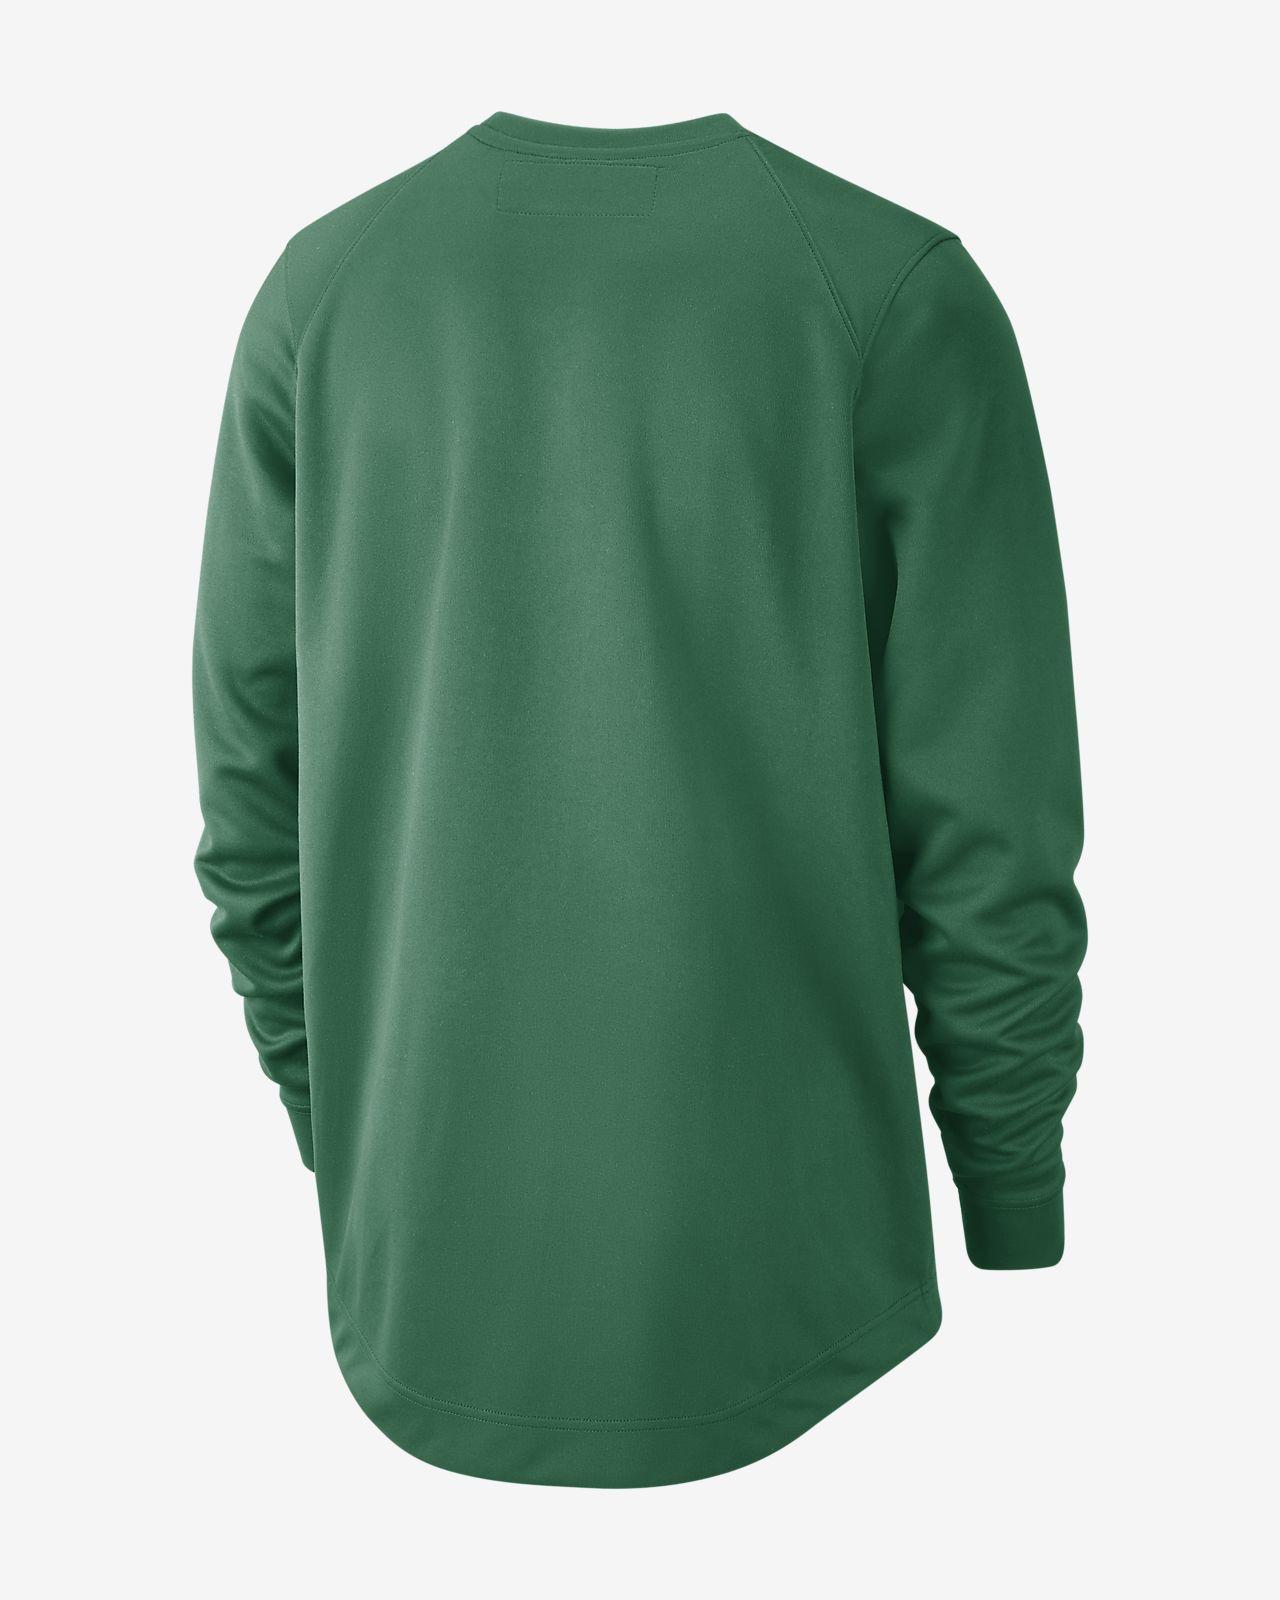 La Celtics Sudadera Hombre Spotlight Boston De Nike Para Nba H5ffzxgw1q